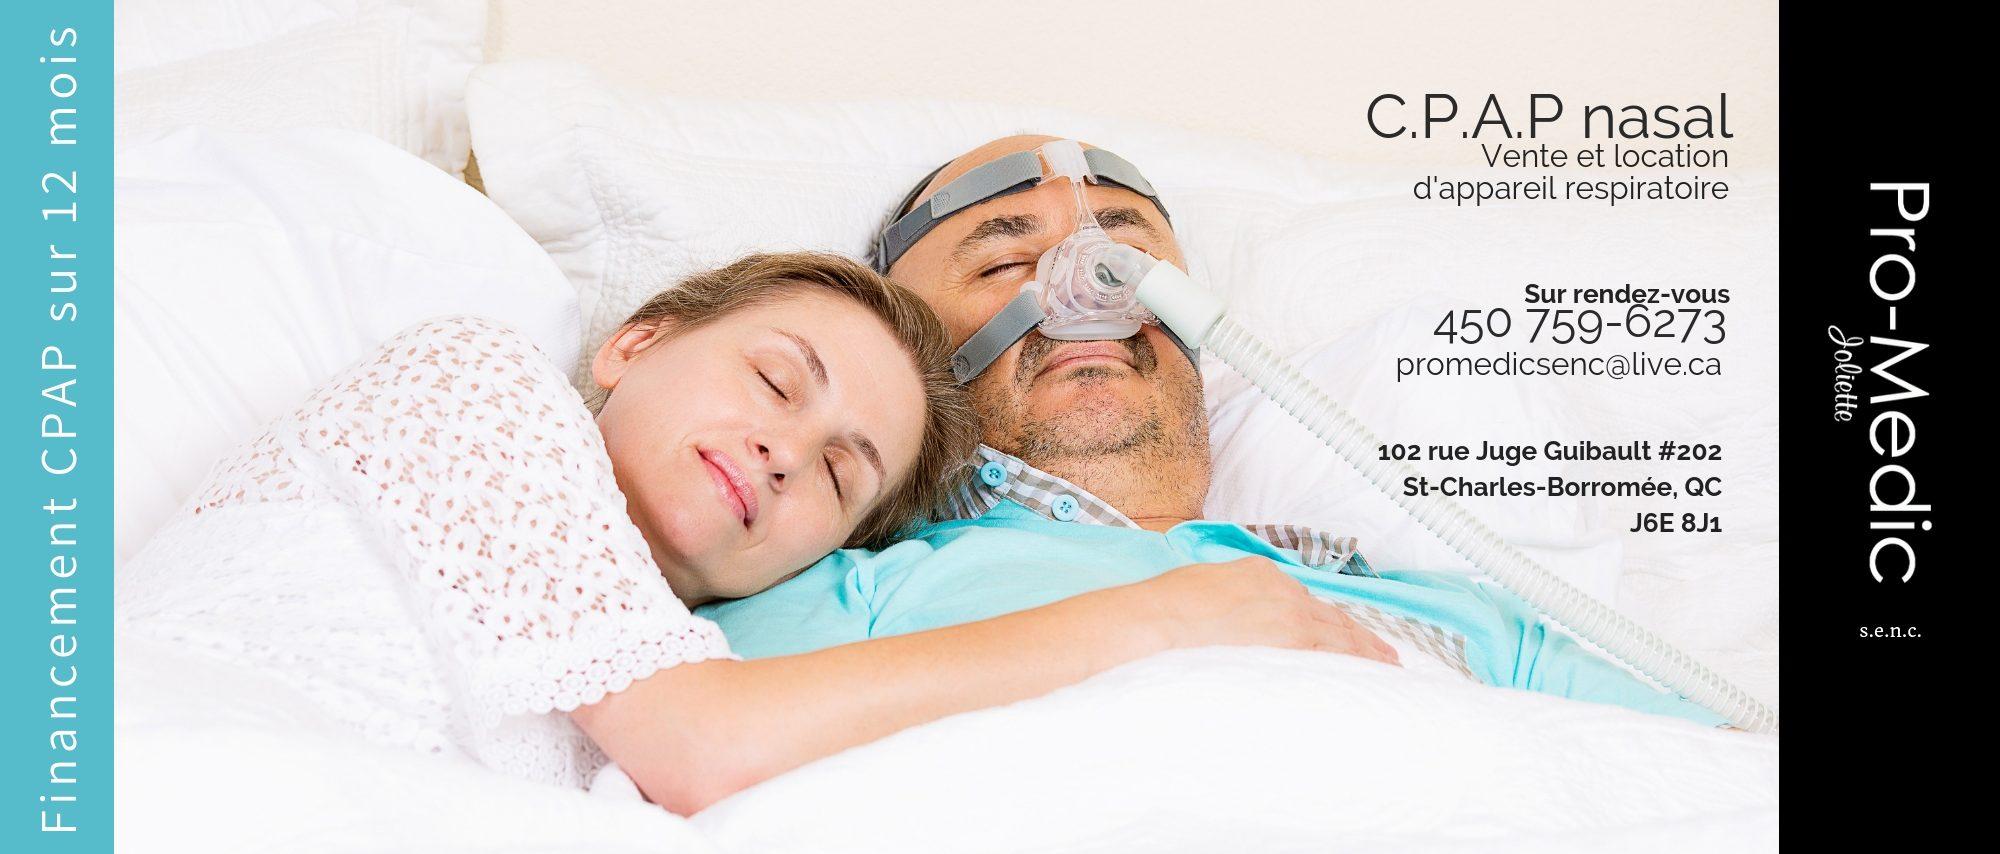 C.P.A.P nasal, masques et accessoires apnée du sommeil - Pro médic Joliette s.e.n.c. St-Charles-Borromée, Joliette 2019